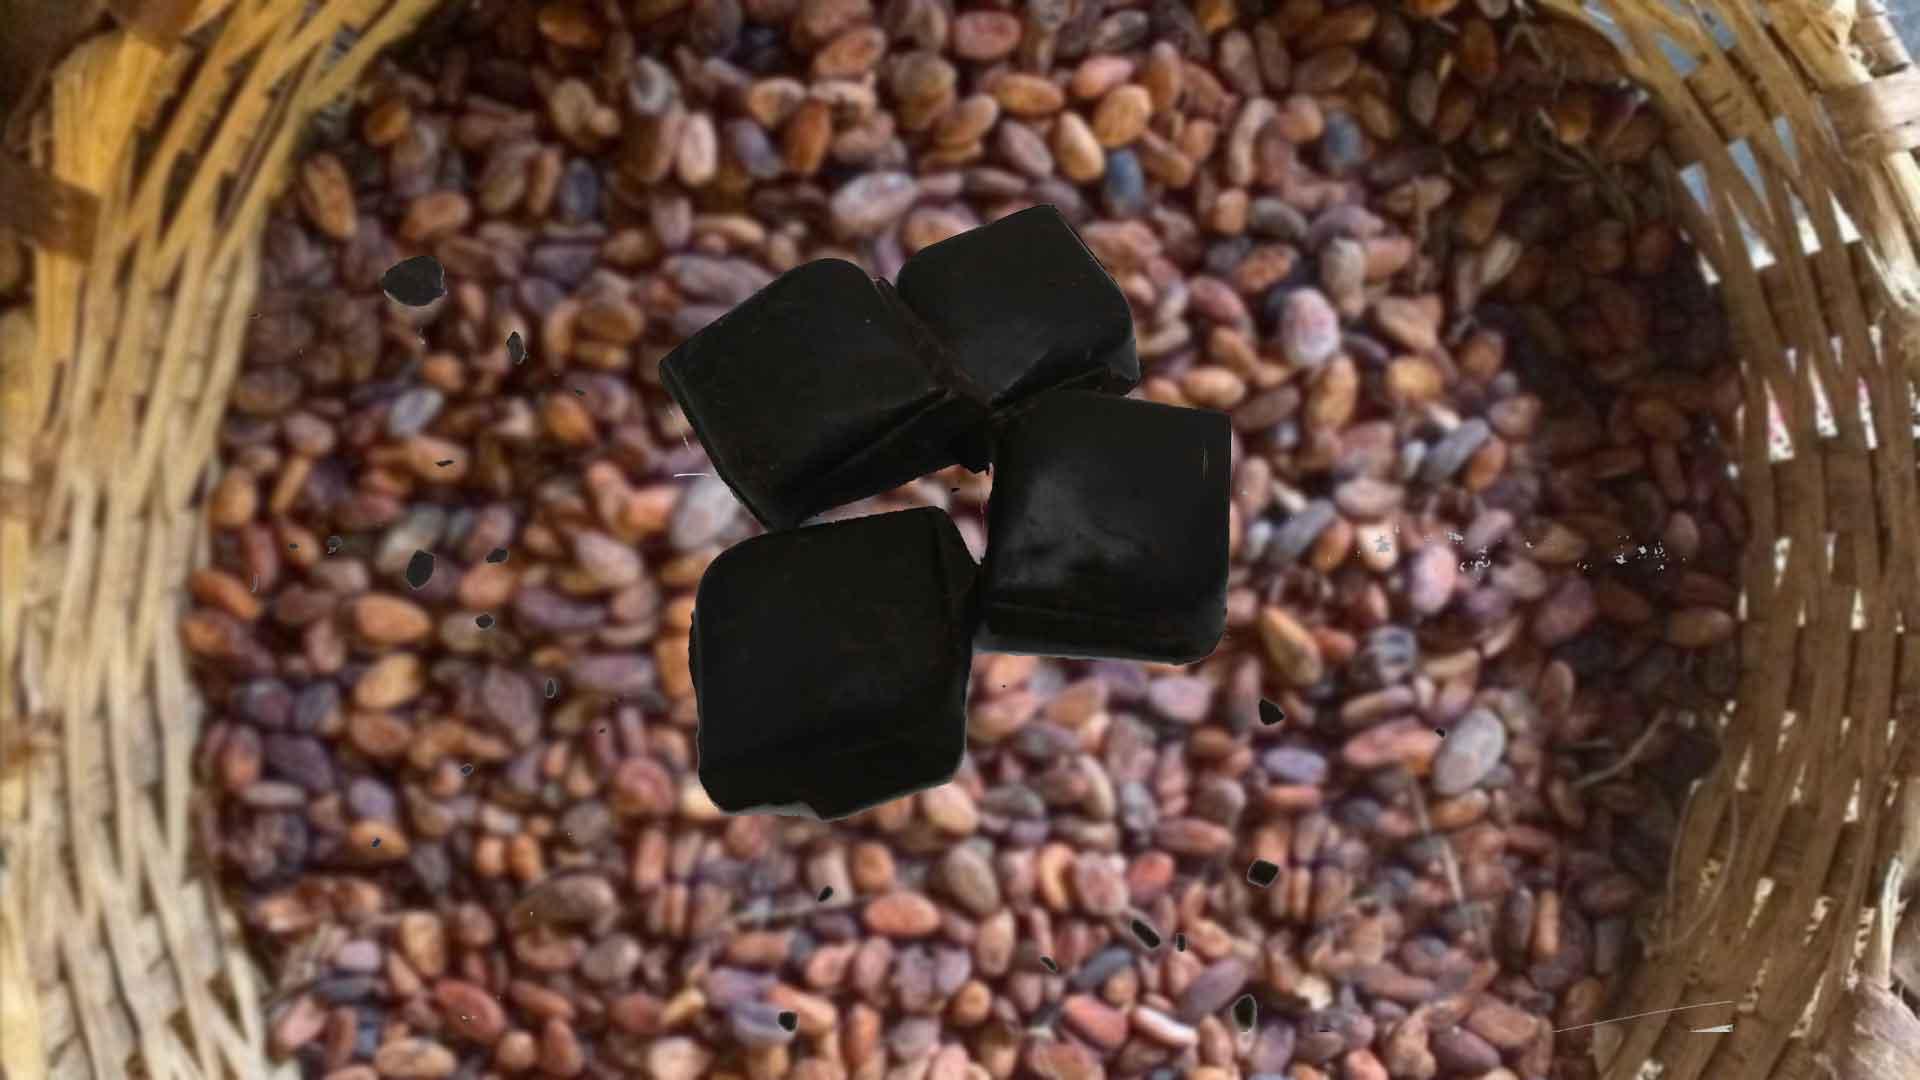 En Çok Kakao Üretimi Yapan Ülkeler?fit=thumb&w=418&h=152&q=80